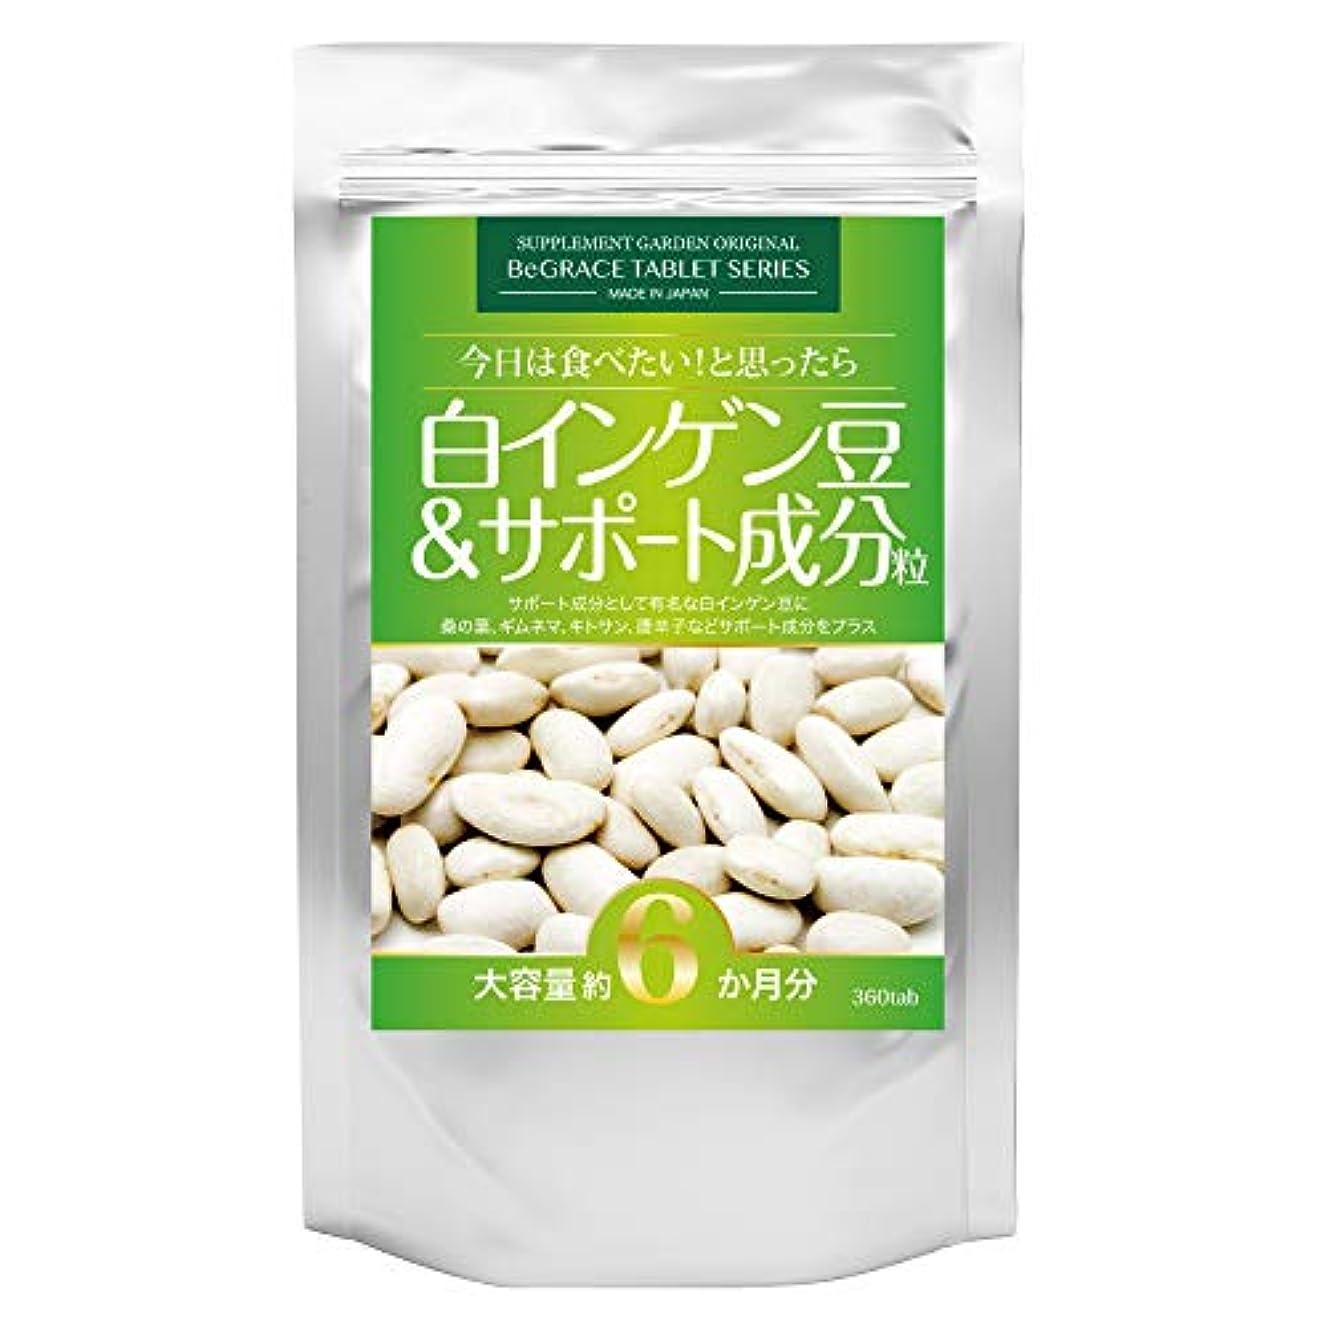 回転する代数形白インゲン豆&サポート成分粒 大容量約6ヶ月分/360粒(白インゲン豆?桑の葉?ギムネマ?キトサン?唐辛子)